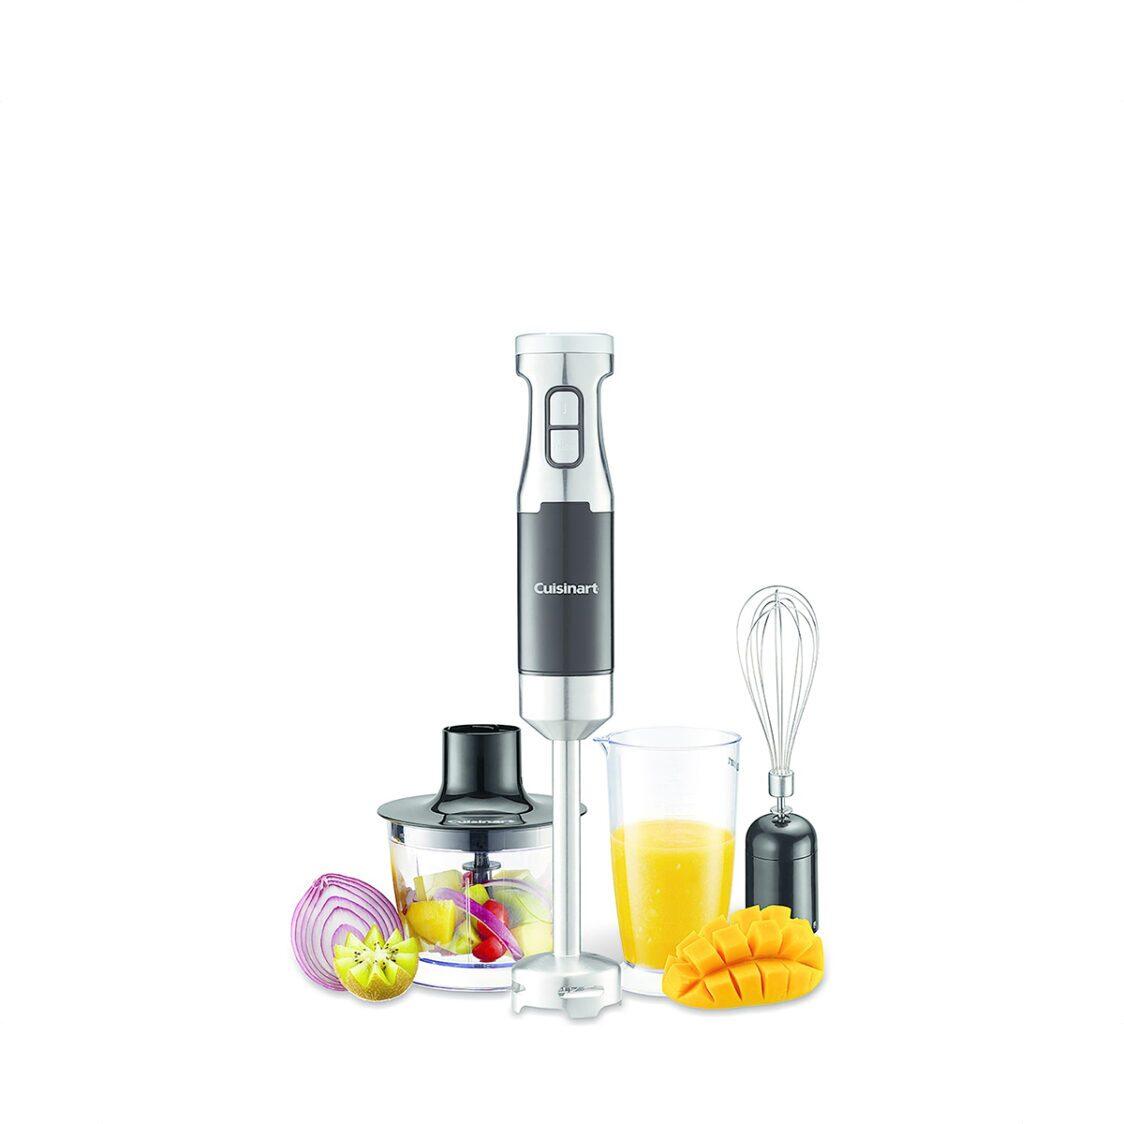 Cuisinart Smart Stick 600-Watt Hand Blender